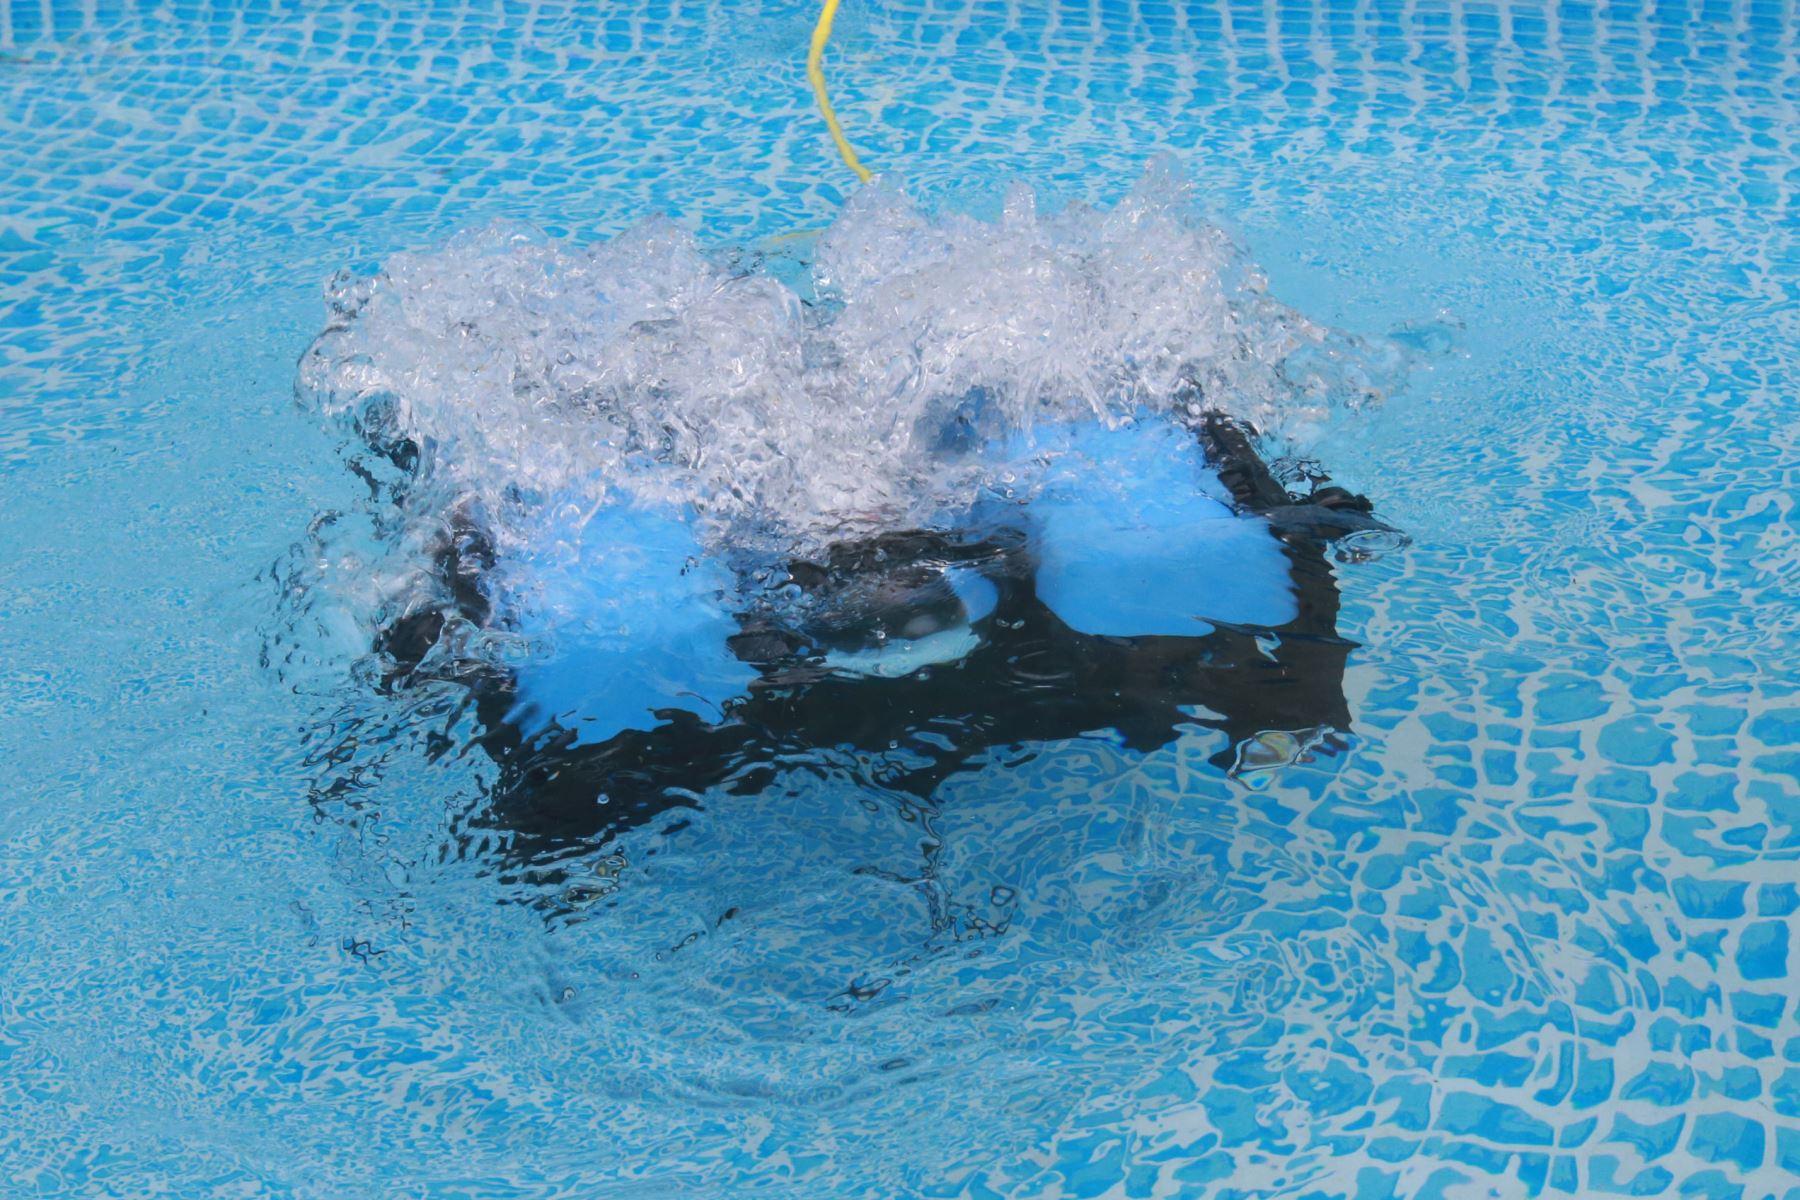 Este es uno de los tres robots submarinos que un equipo de ingenieros de la Universidad Católica del Perú (PUCP) ha creado para conocer fondos marinos.Foto: ANDINA/Jhony Laurente